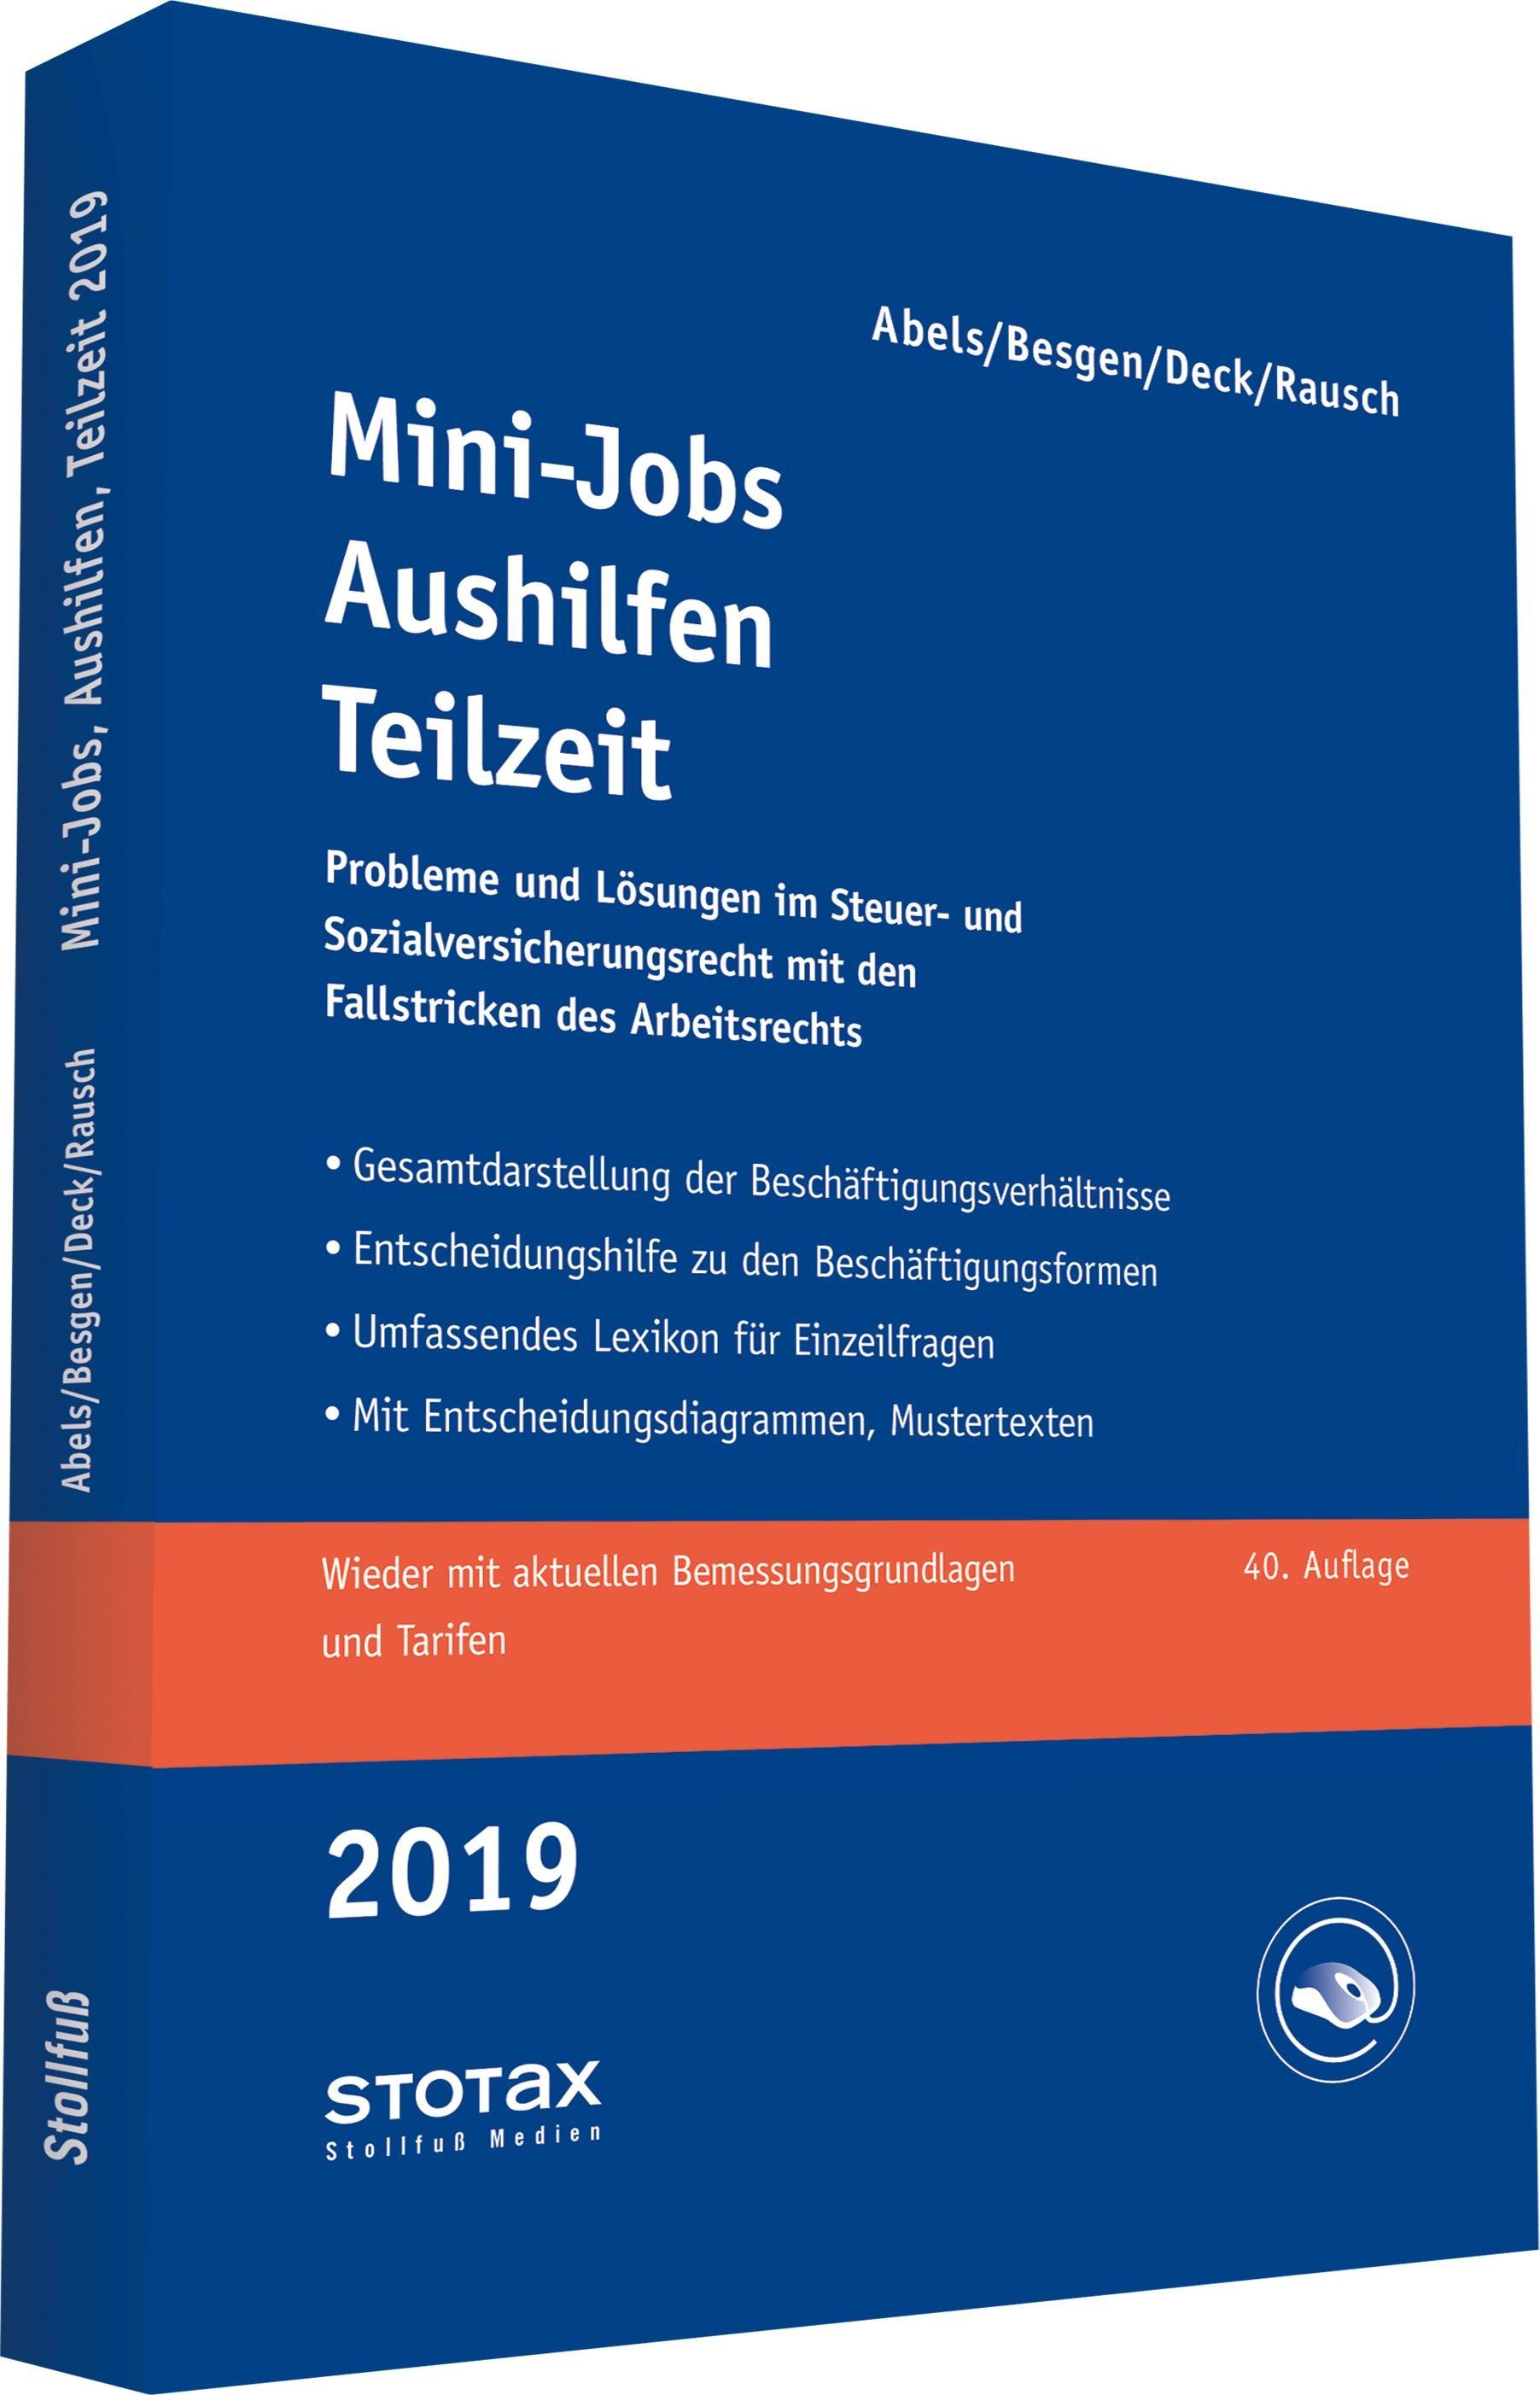 Mini-Jobs, Aushilfen, Teilzeit 2018 | Abels / Besgen / Deck | 39. Auflage, 2017 | Buch (Cover)